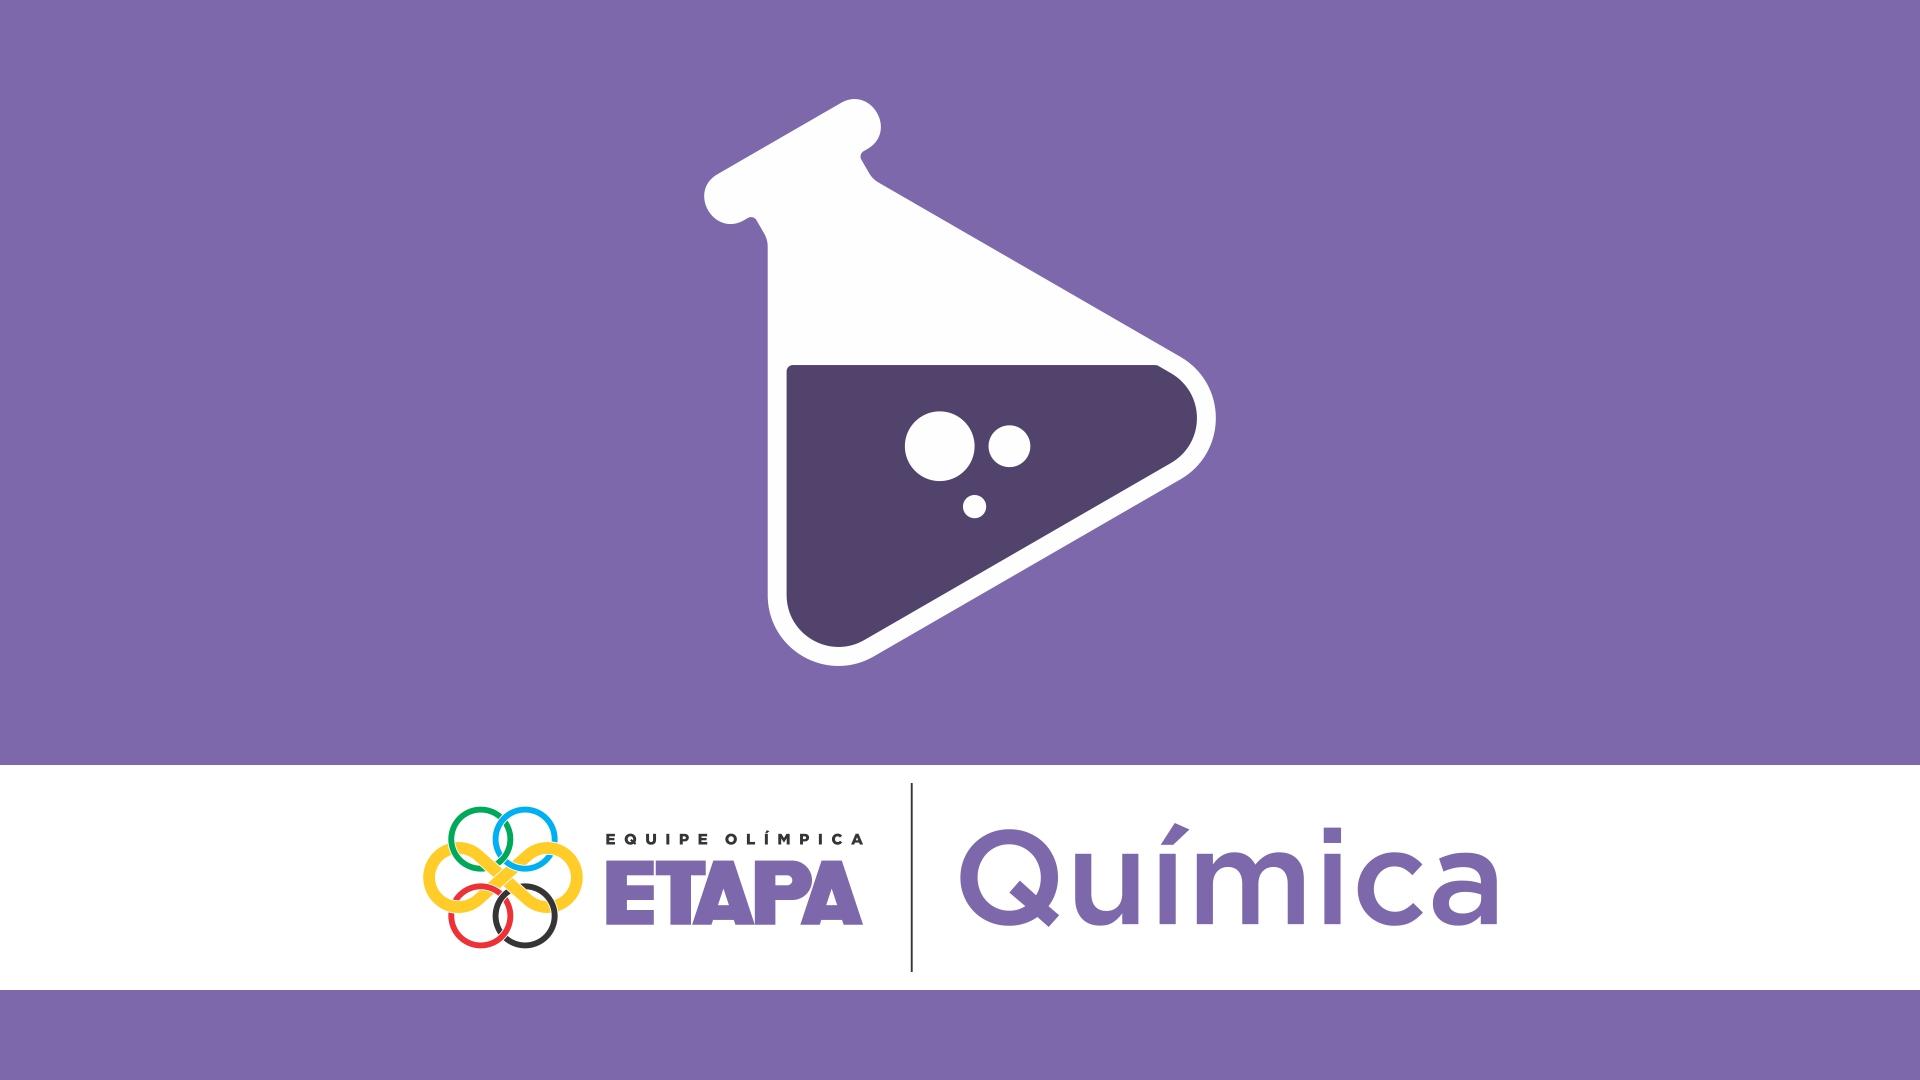 Os alunos do Colégio Etapa conquistaram 40% das medalhas concedidas aos estudantes paulistas na OQSP 2020.